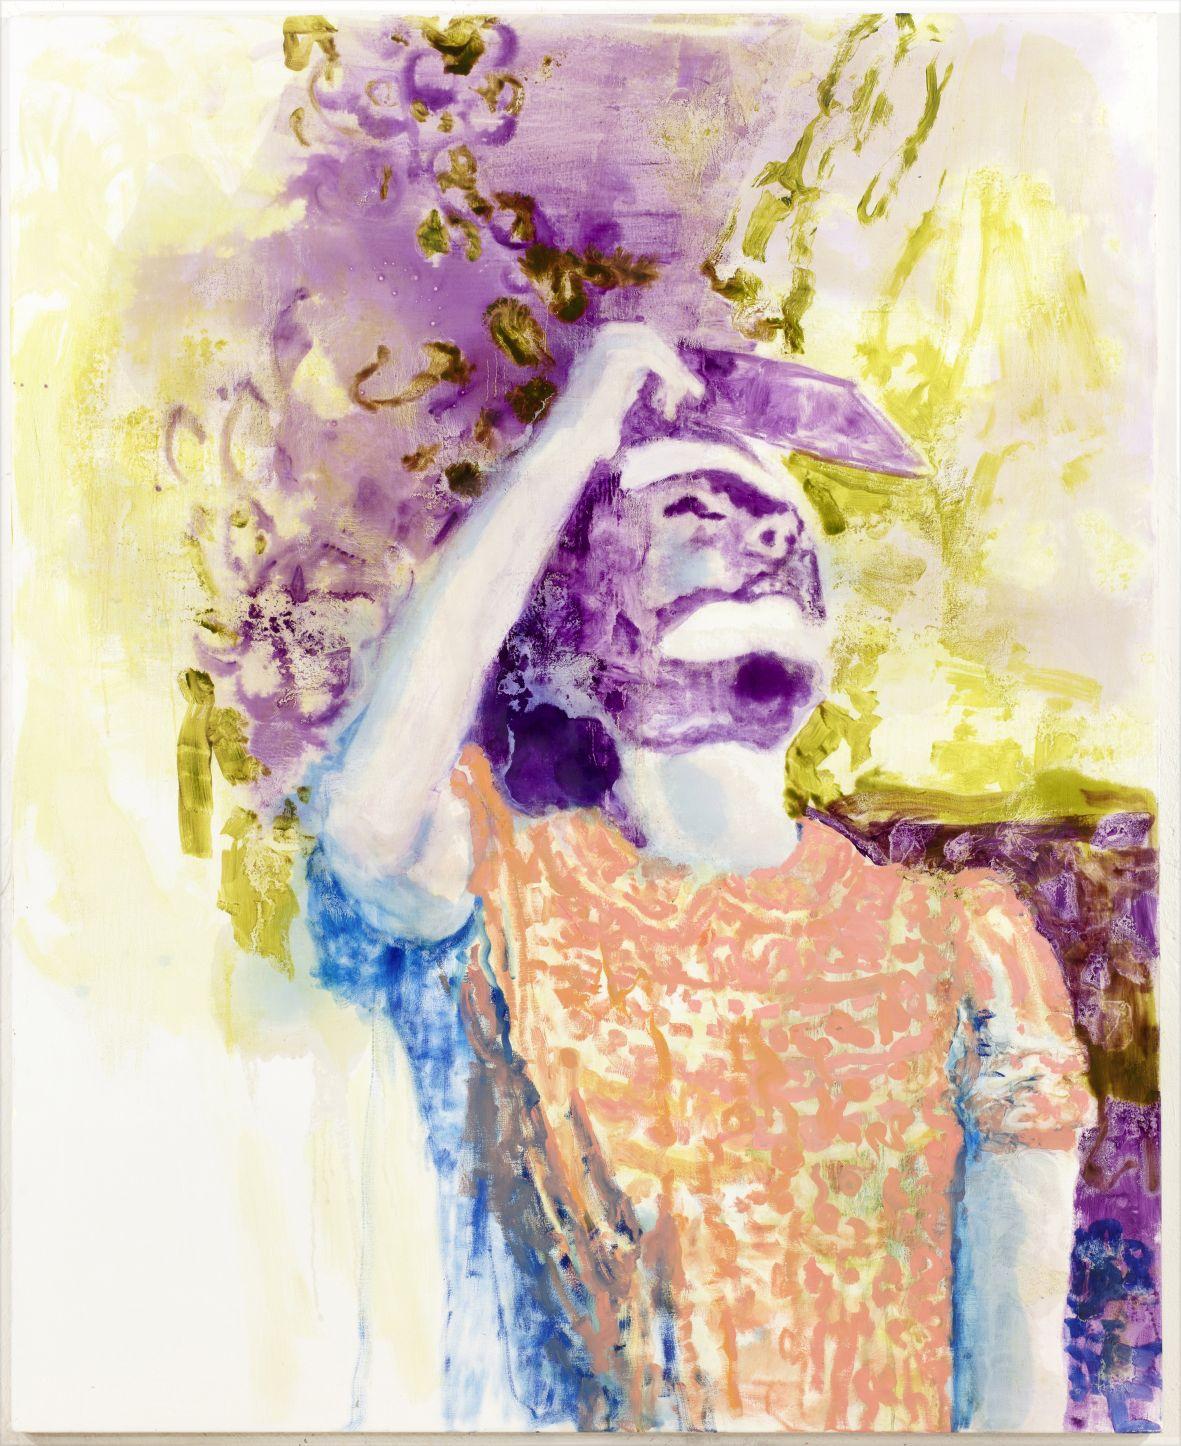 Pinsel, Pixel und Pailletten - Neue Malerei